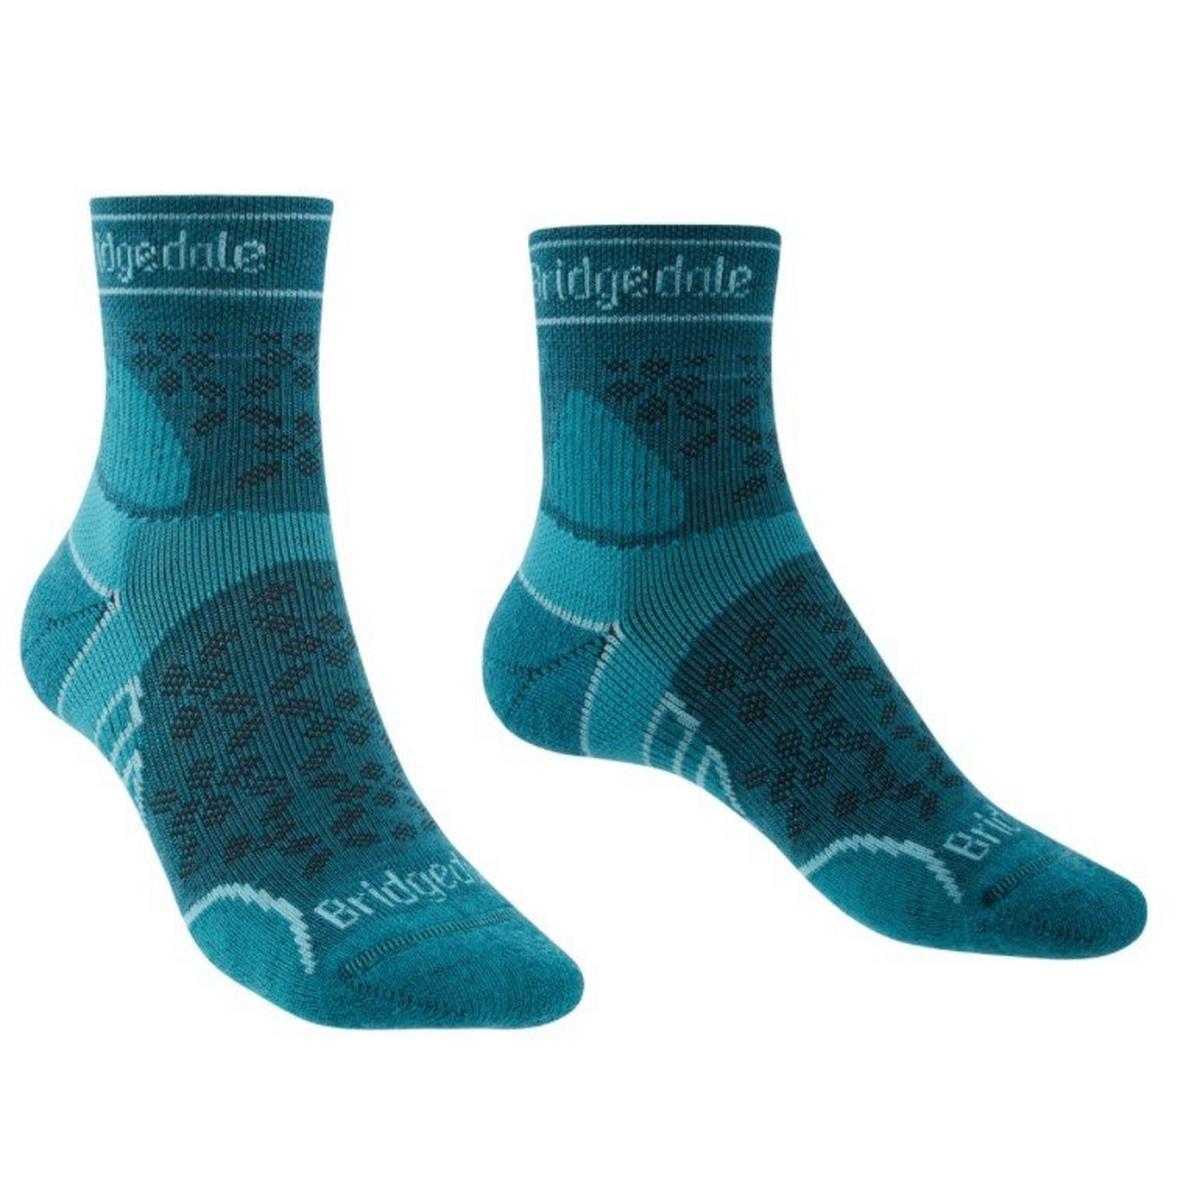 Bridgedale Women's Merino Sport LW T2 Crew Sock - Blue